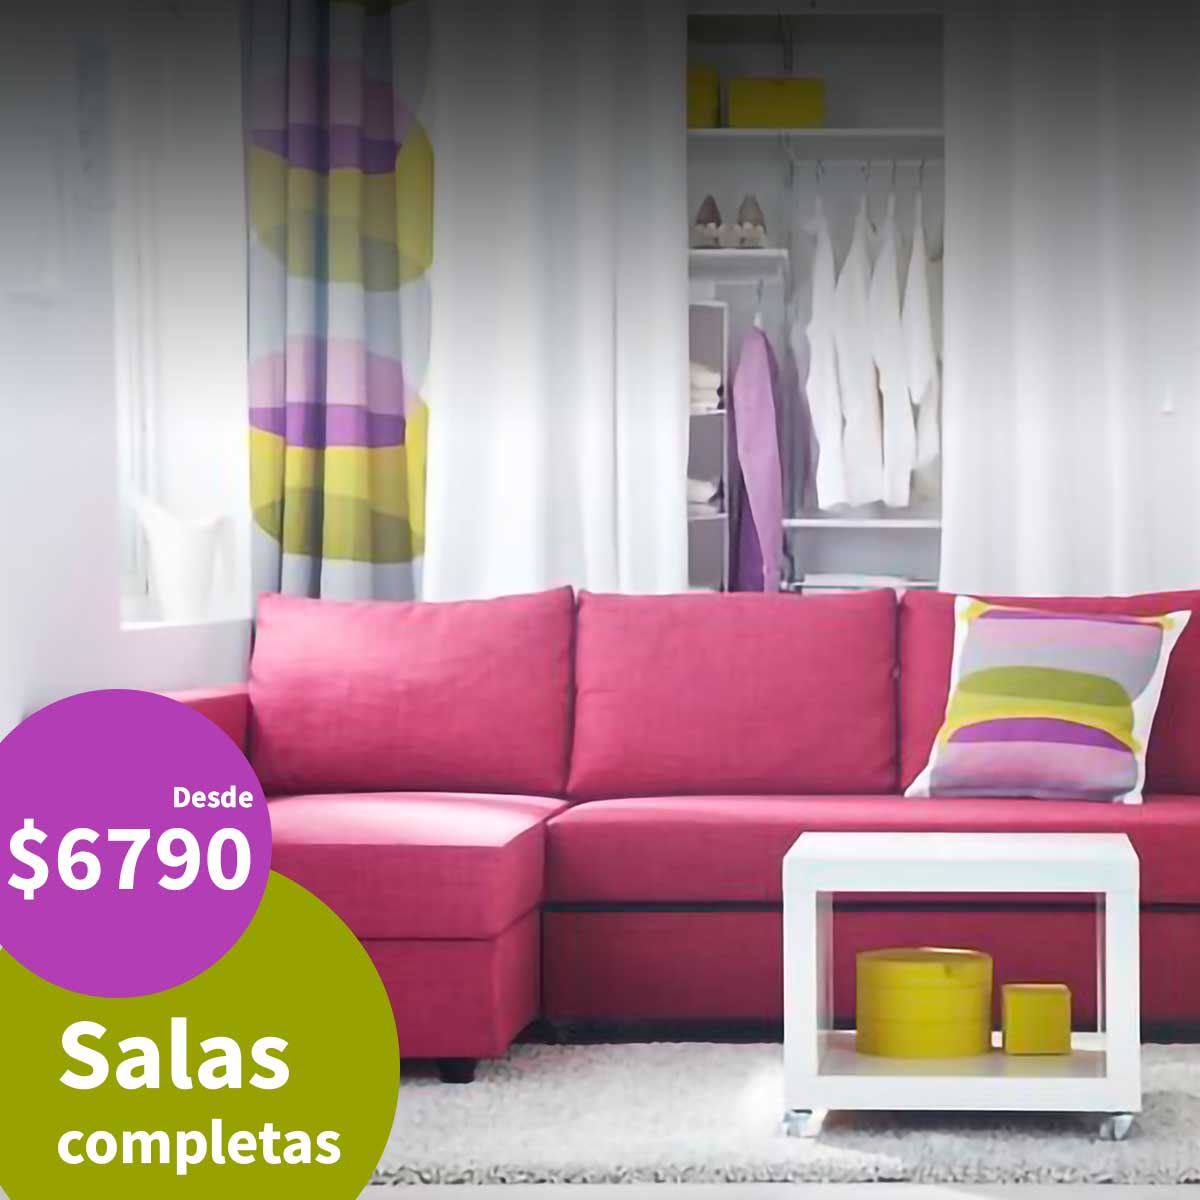 promocion_salas-desde-6790-pesos